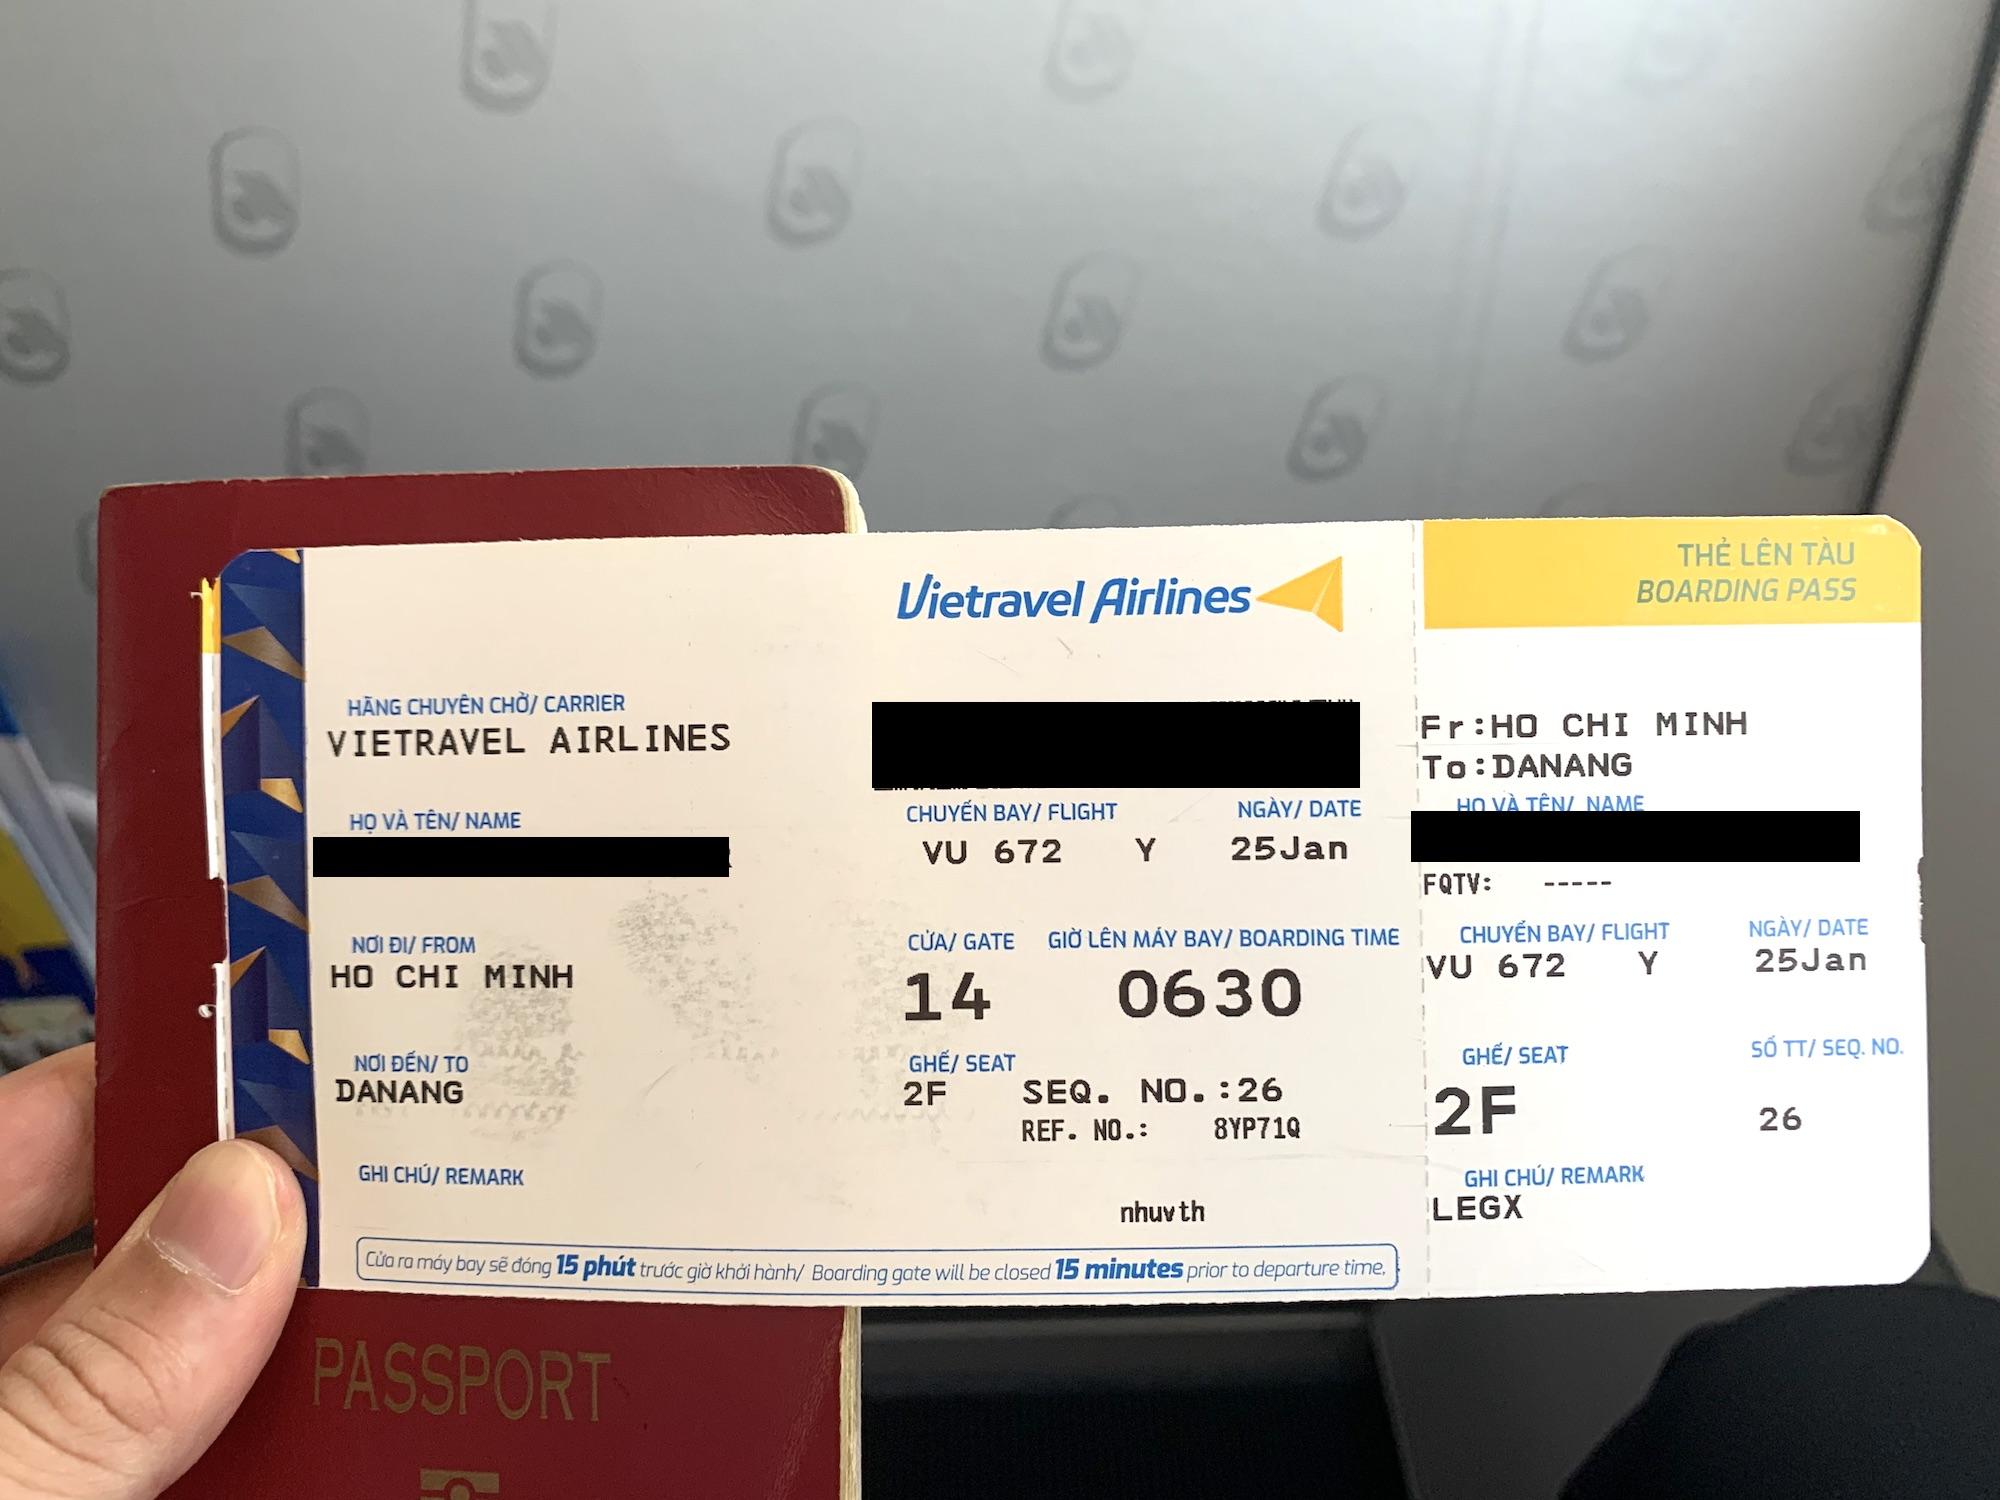 ベトトラベル航空が就航。ホーチミン〜ダナン線に搭乗